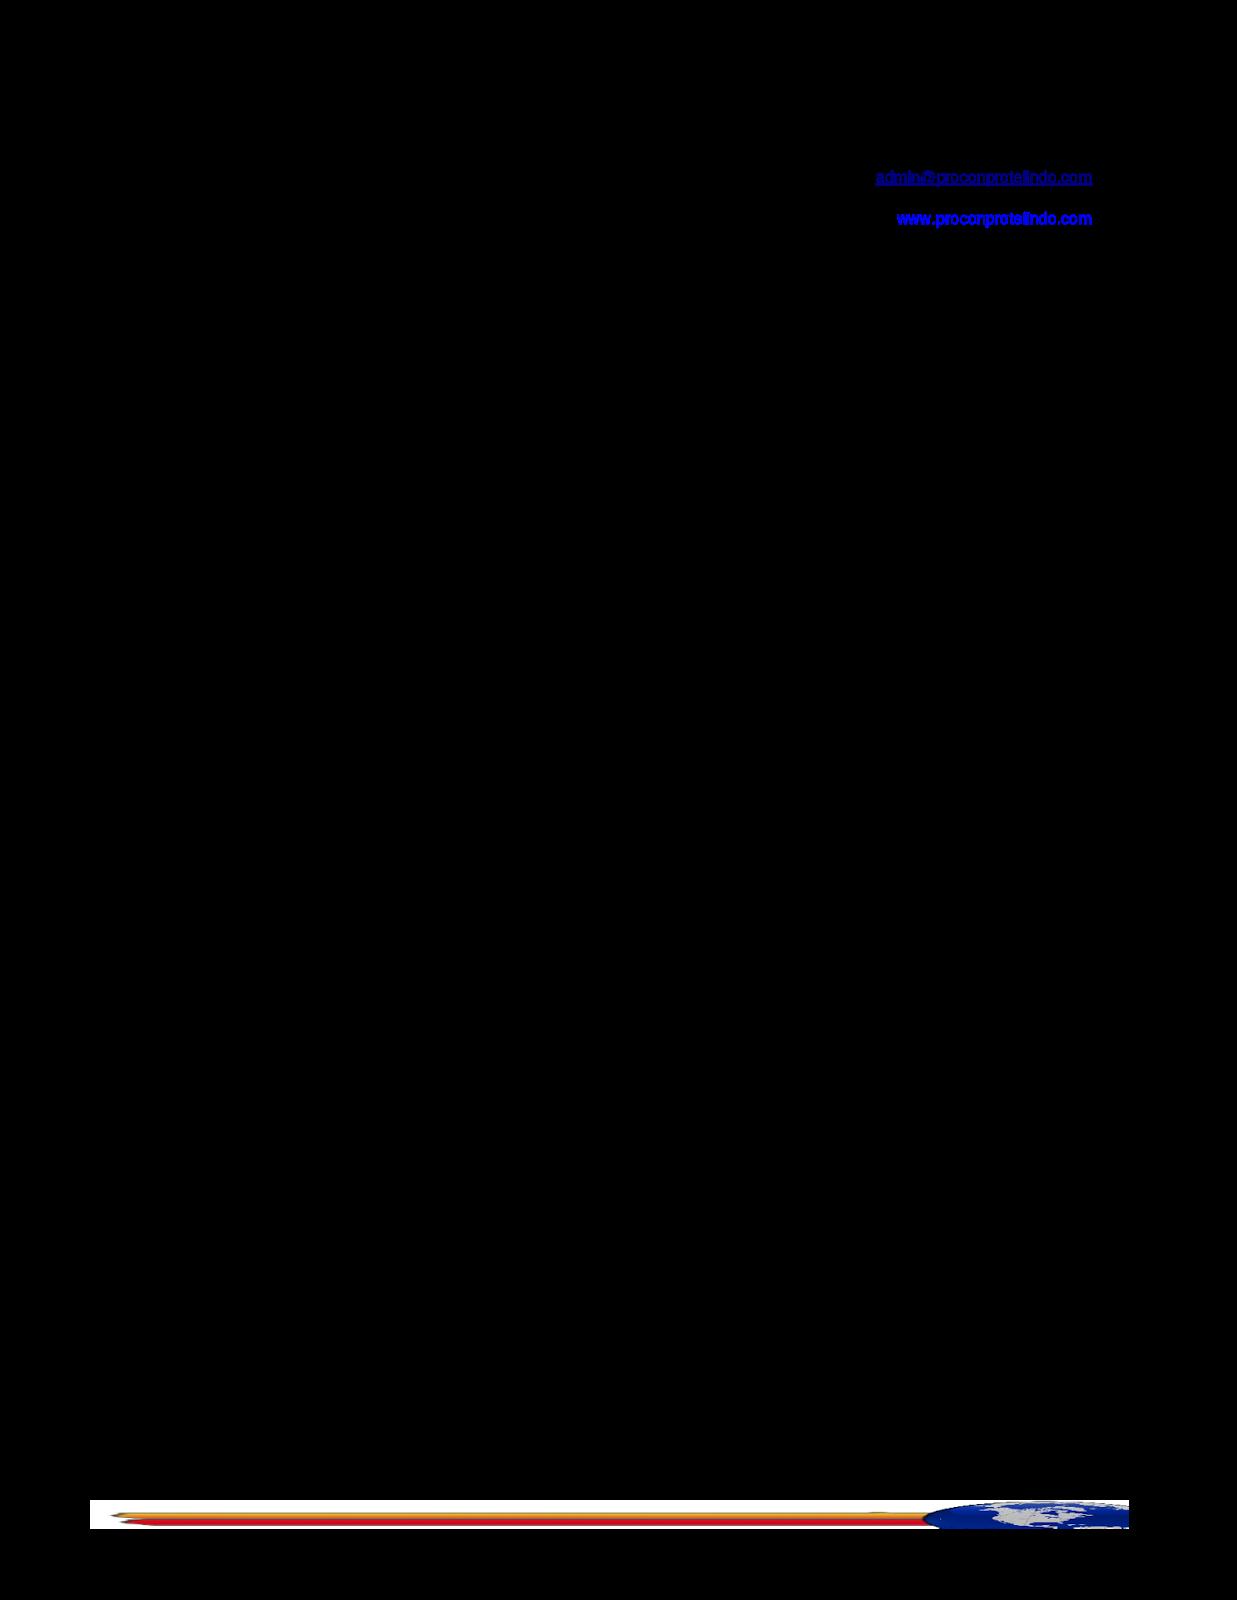 Contoh Surat Keterangan Kerja Untuk Kpr : contoh, surat, keterangan, kerja, untuk, Contoh, Surat, Keterangan, Bekerja, Untuk, Pengajuan